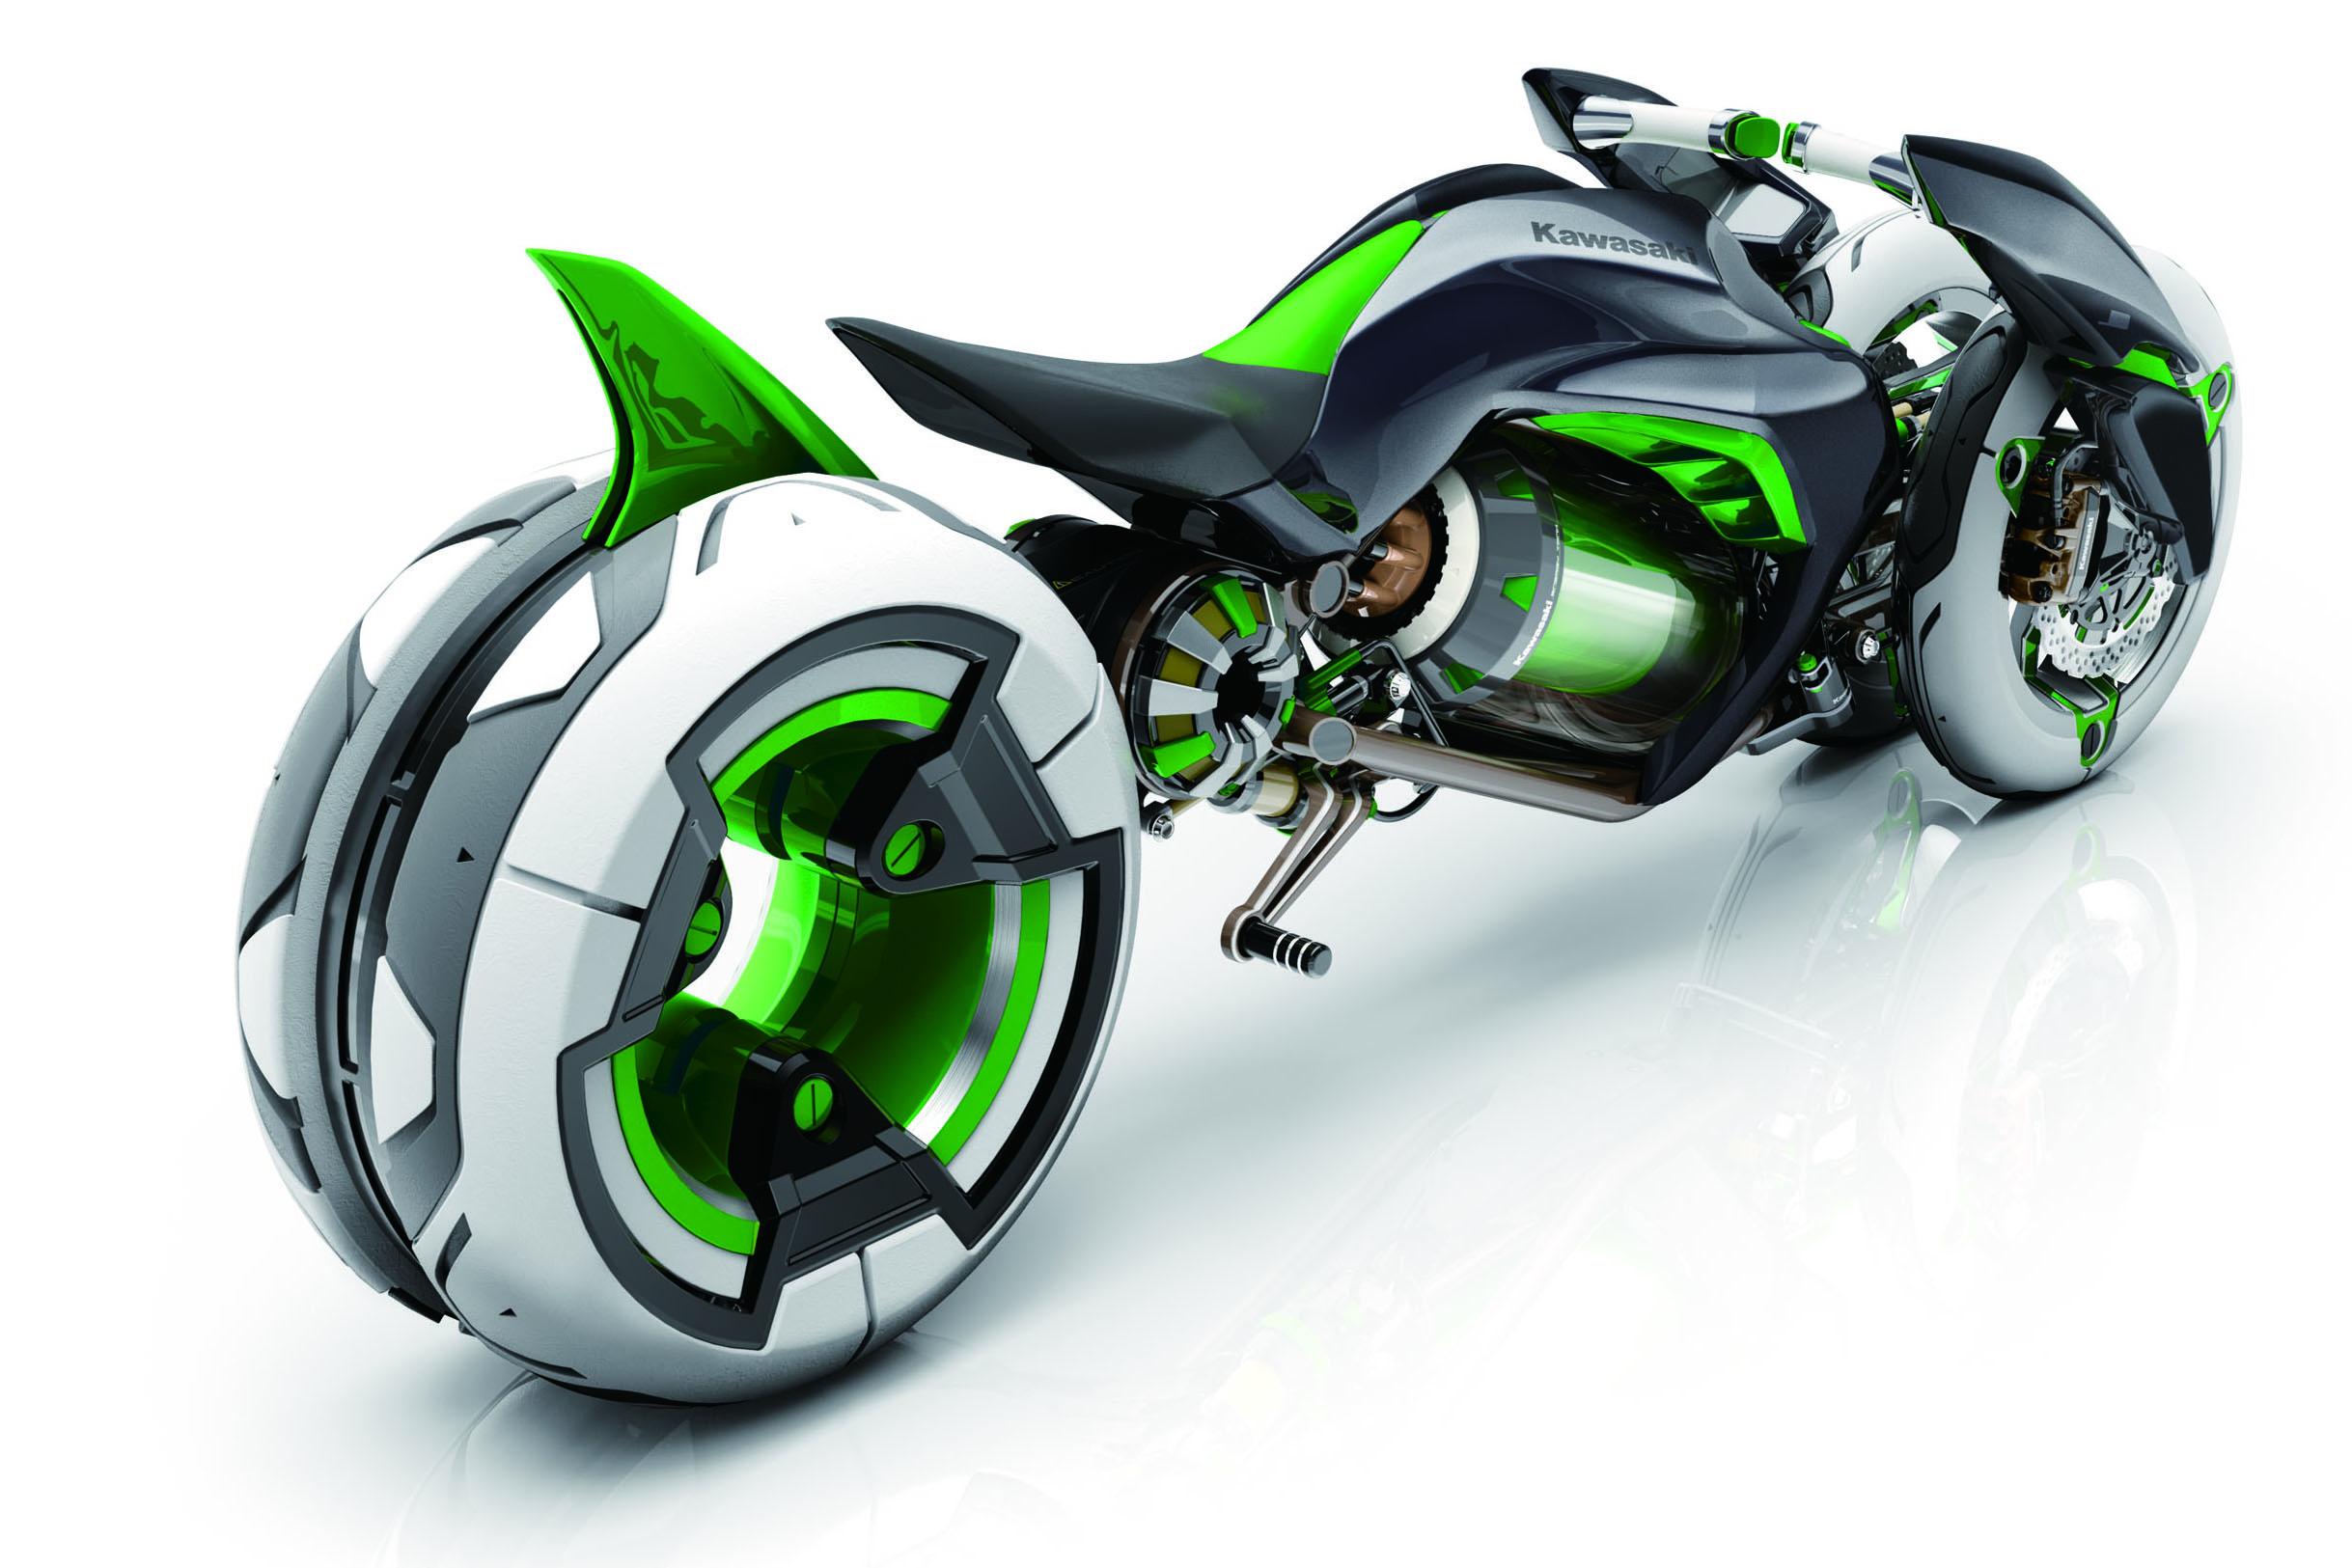 Kawasaki's J-concept